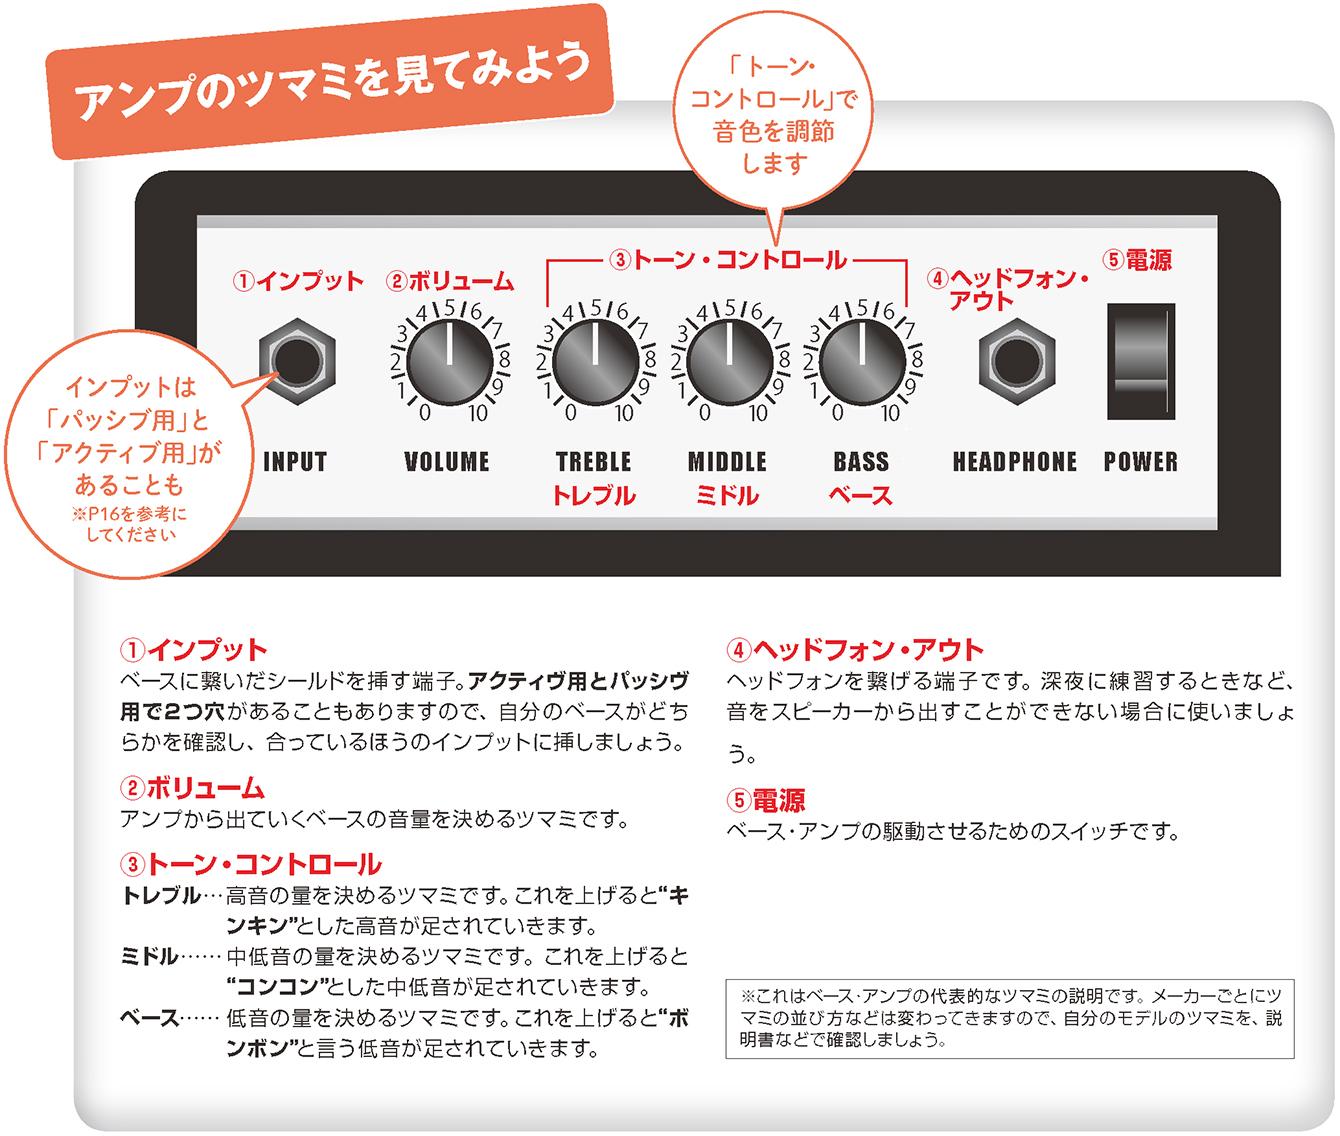 http://musicschool-navi.jp/columns/columns/assets_c/2017/keion02/keion_v2_bass_01.jpg